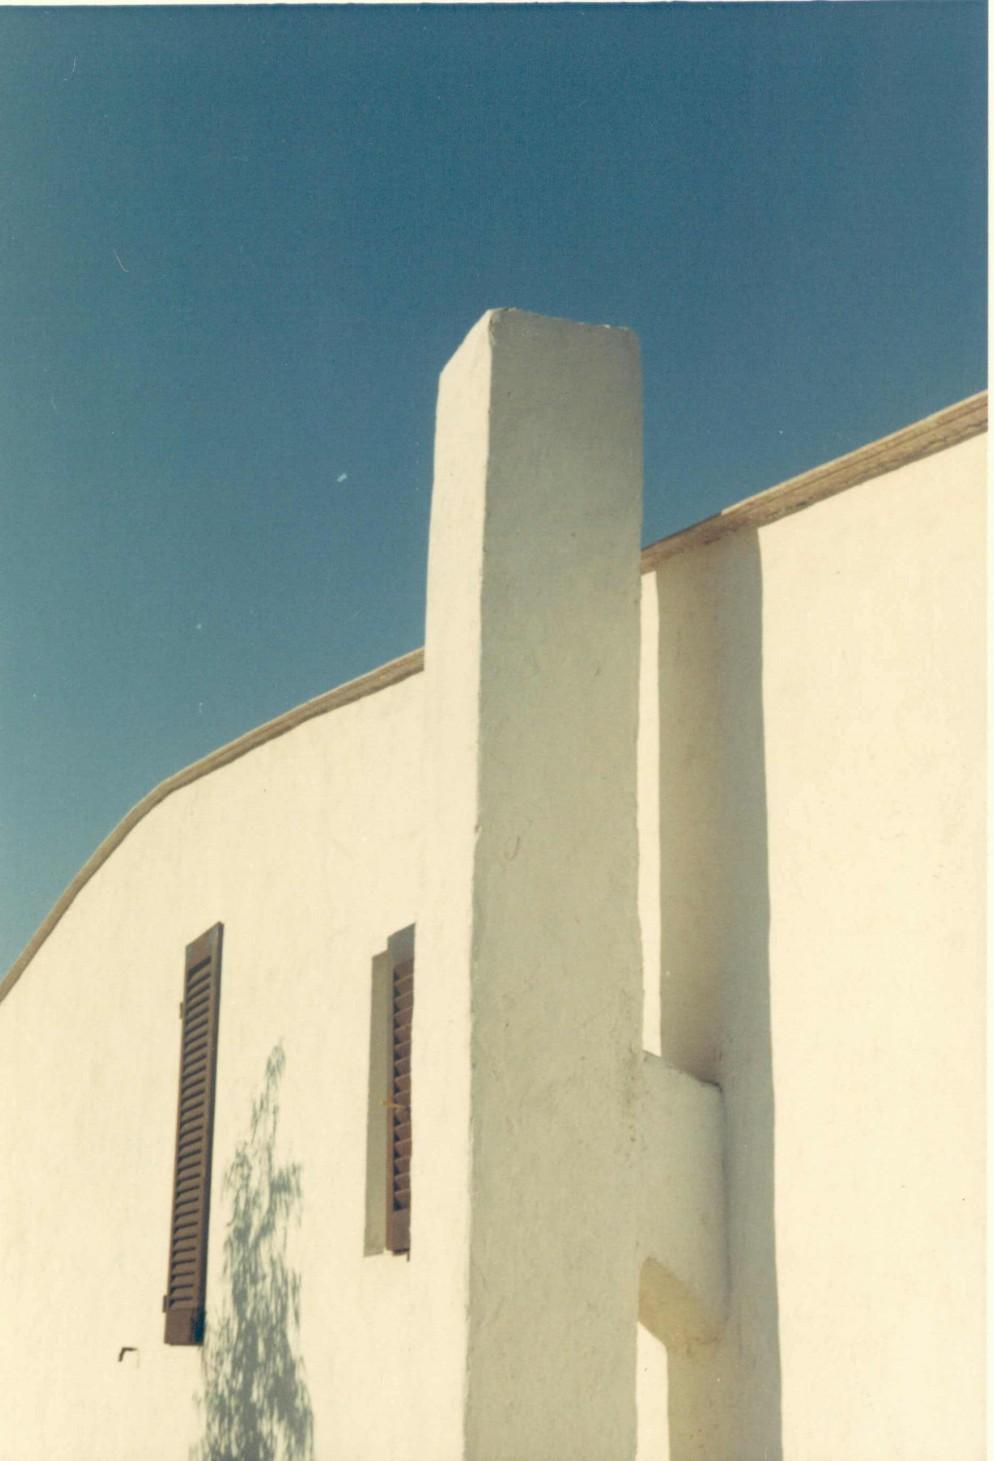 magistretti-architetto-1967_Casa (II casa) Arosio Arzachena_02